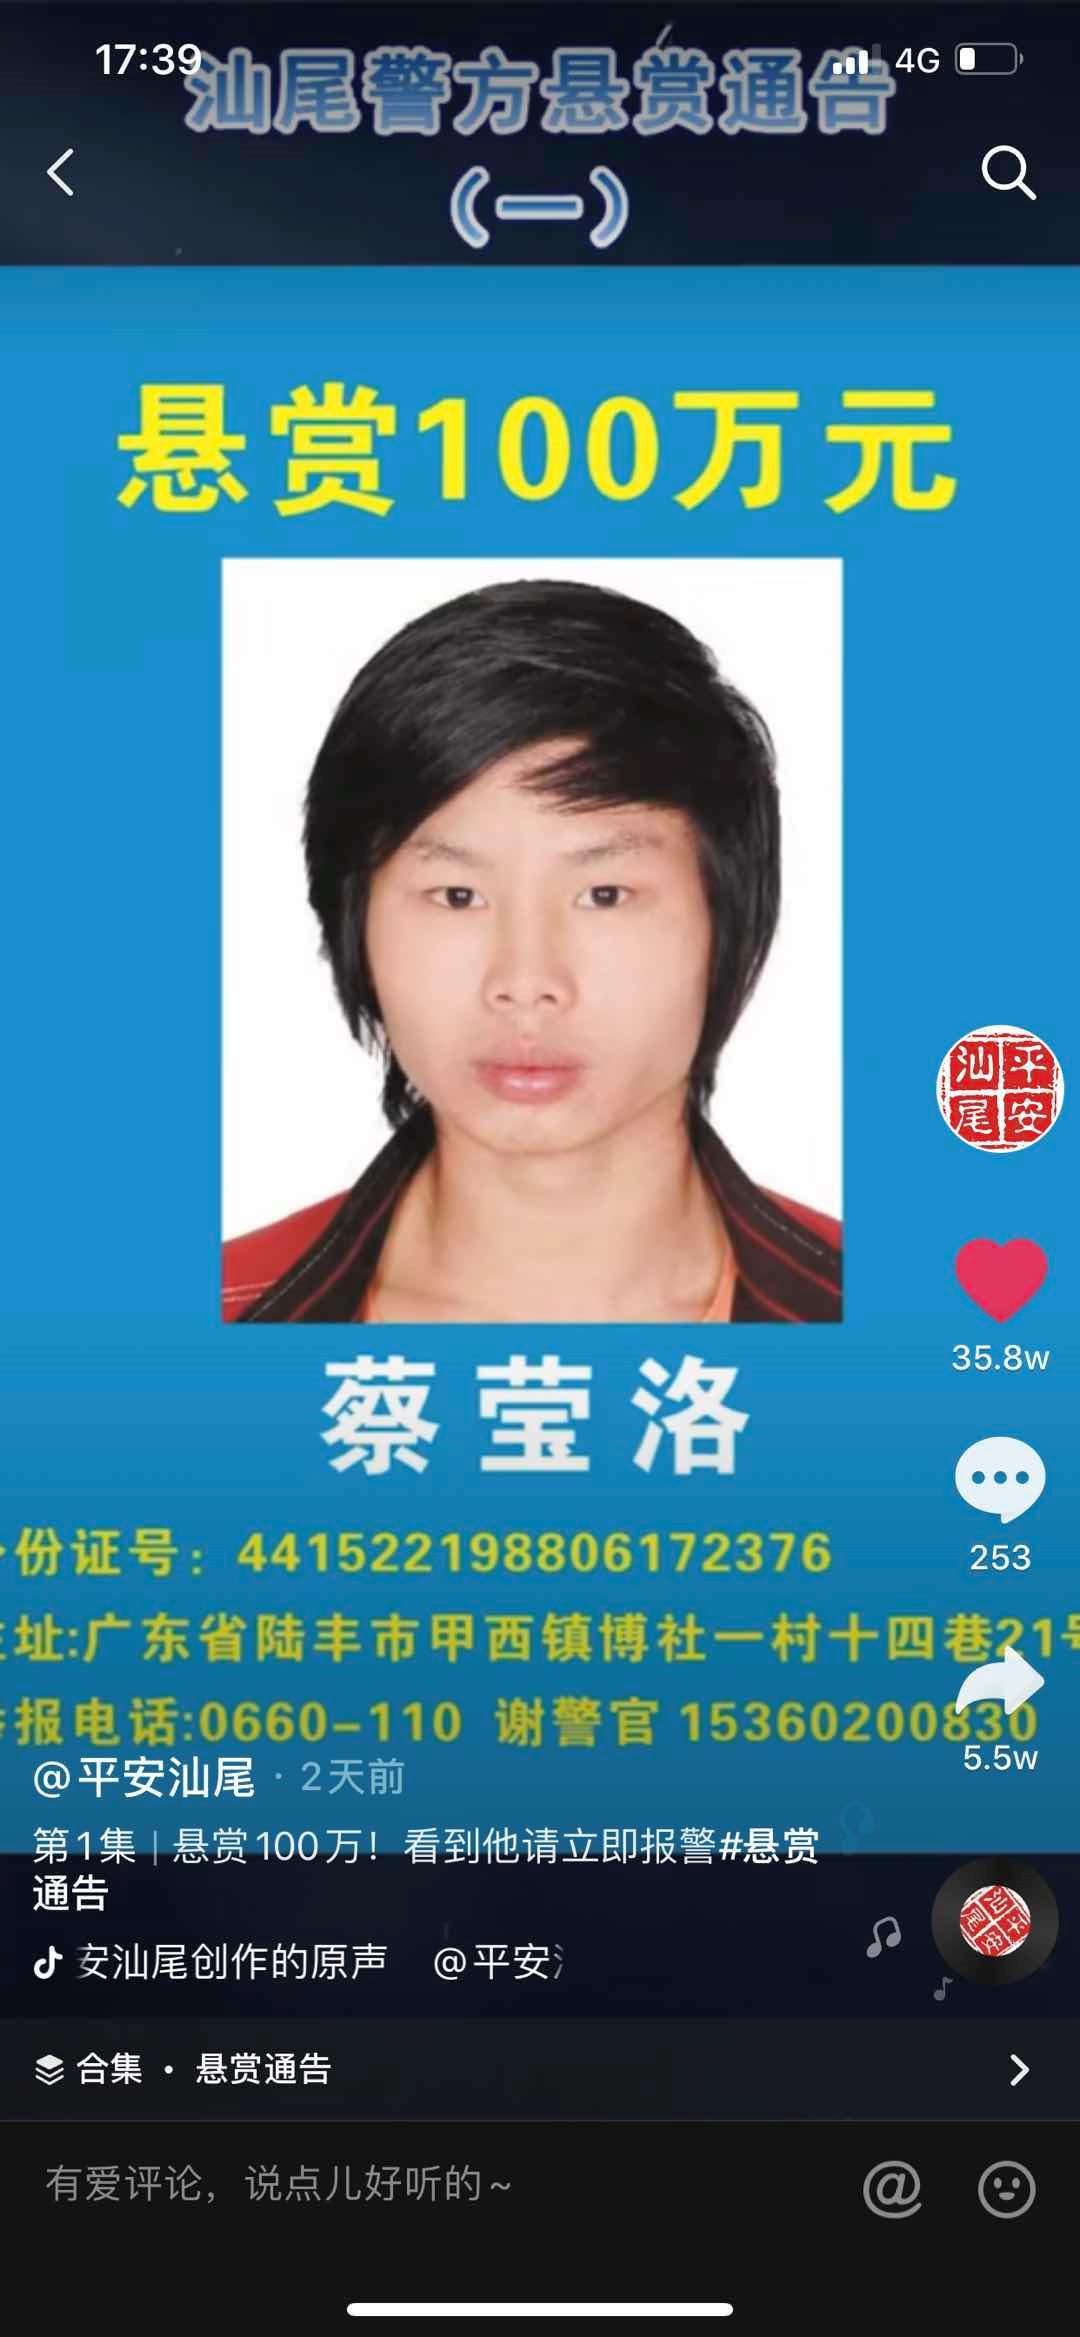 最高悬赏100万!广东人注意,看到这45张脸赶紧报警插图